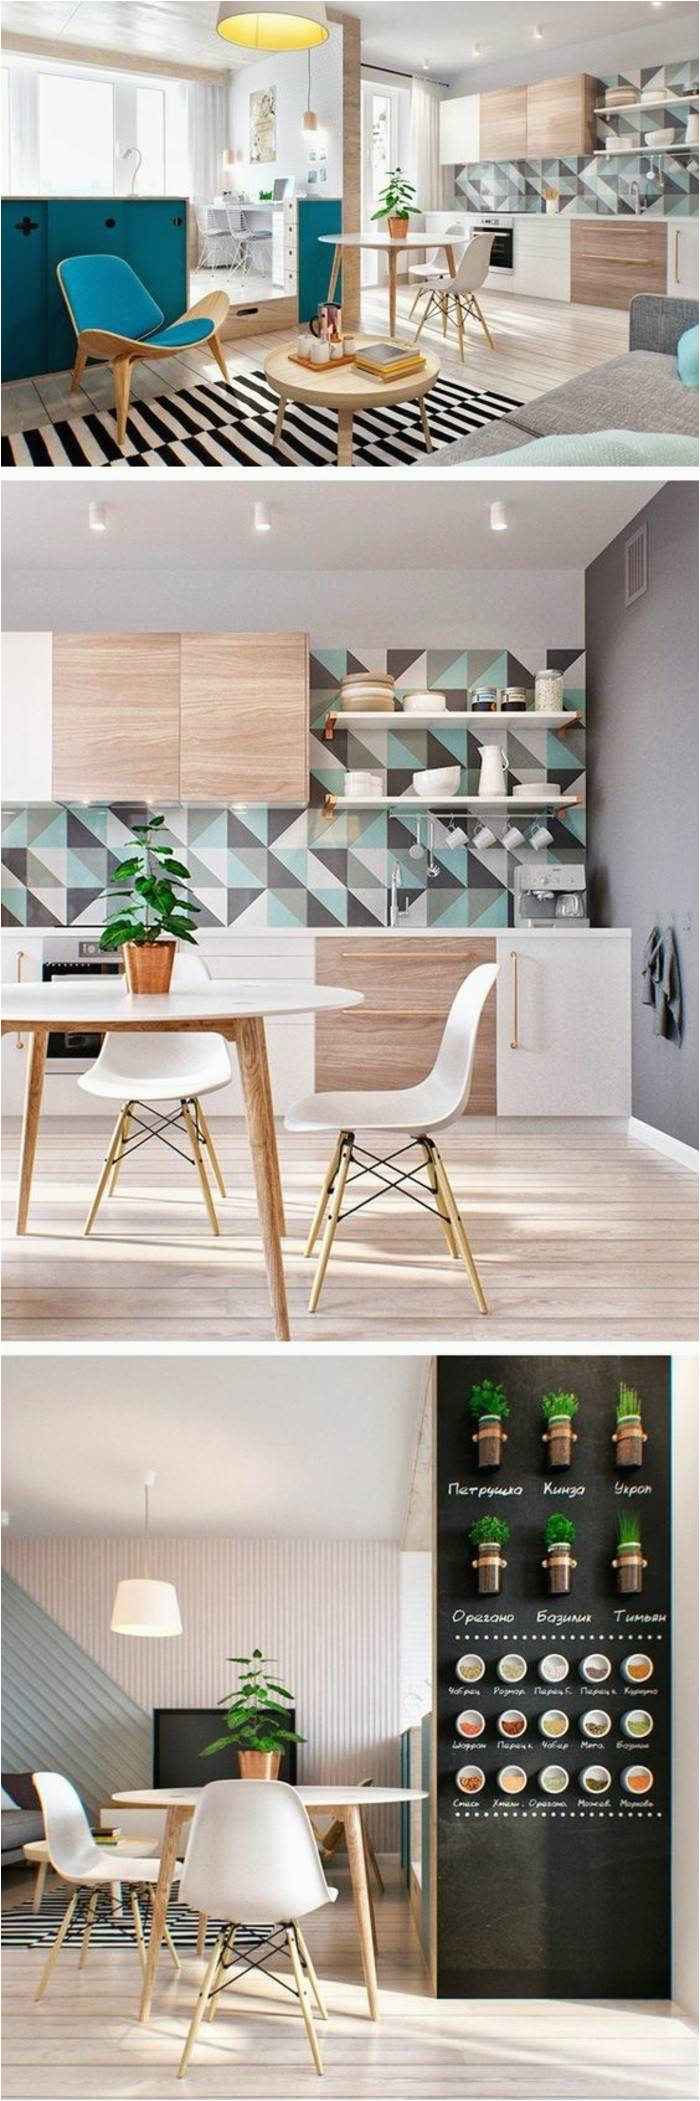 inspirirajte ideje o tome kako ukrasiti svoju kuhinju design von kucheninsel massivholz of kucheninsel massivholz